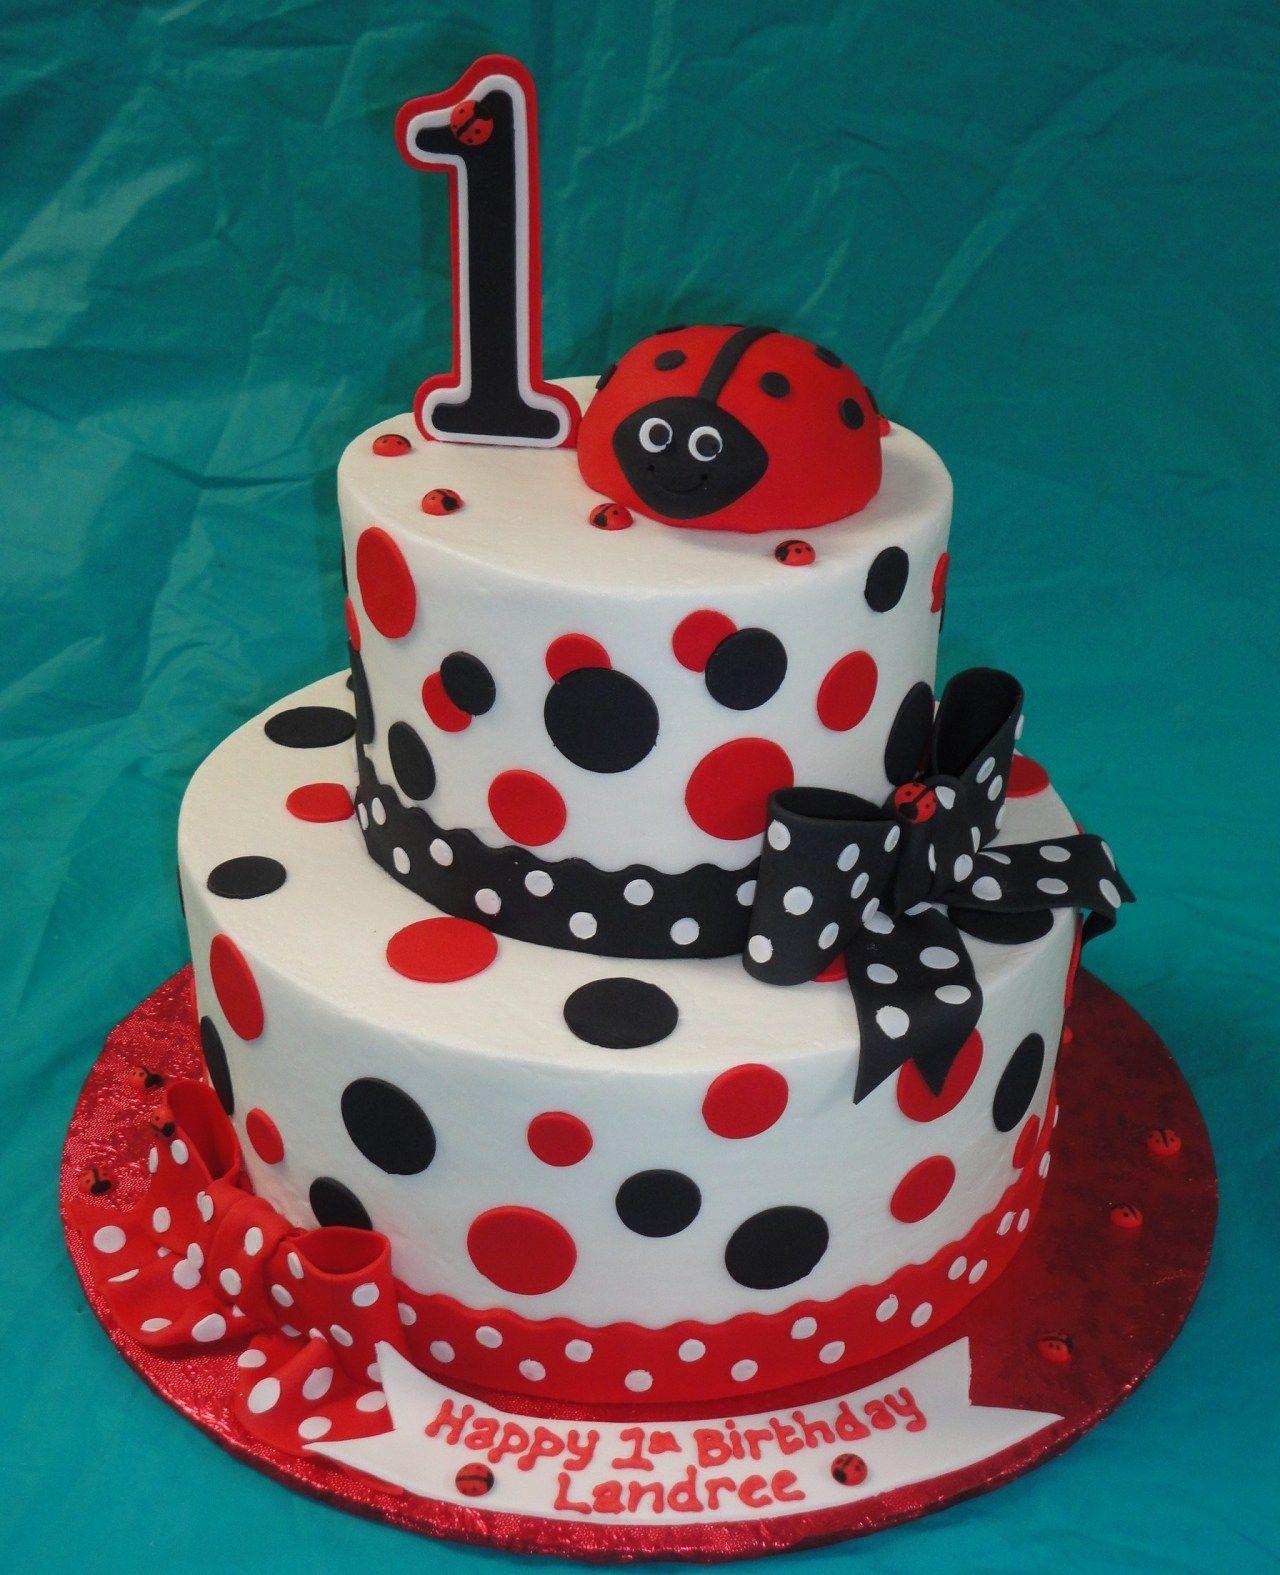 Wondrous 24 Inspired Image Of Ladybug 1St Birthday Cake Ladybug 1St Personalised Birthday Cards Cominlily Jamesorg